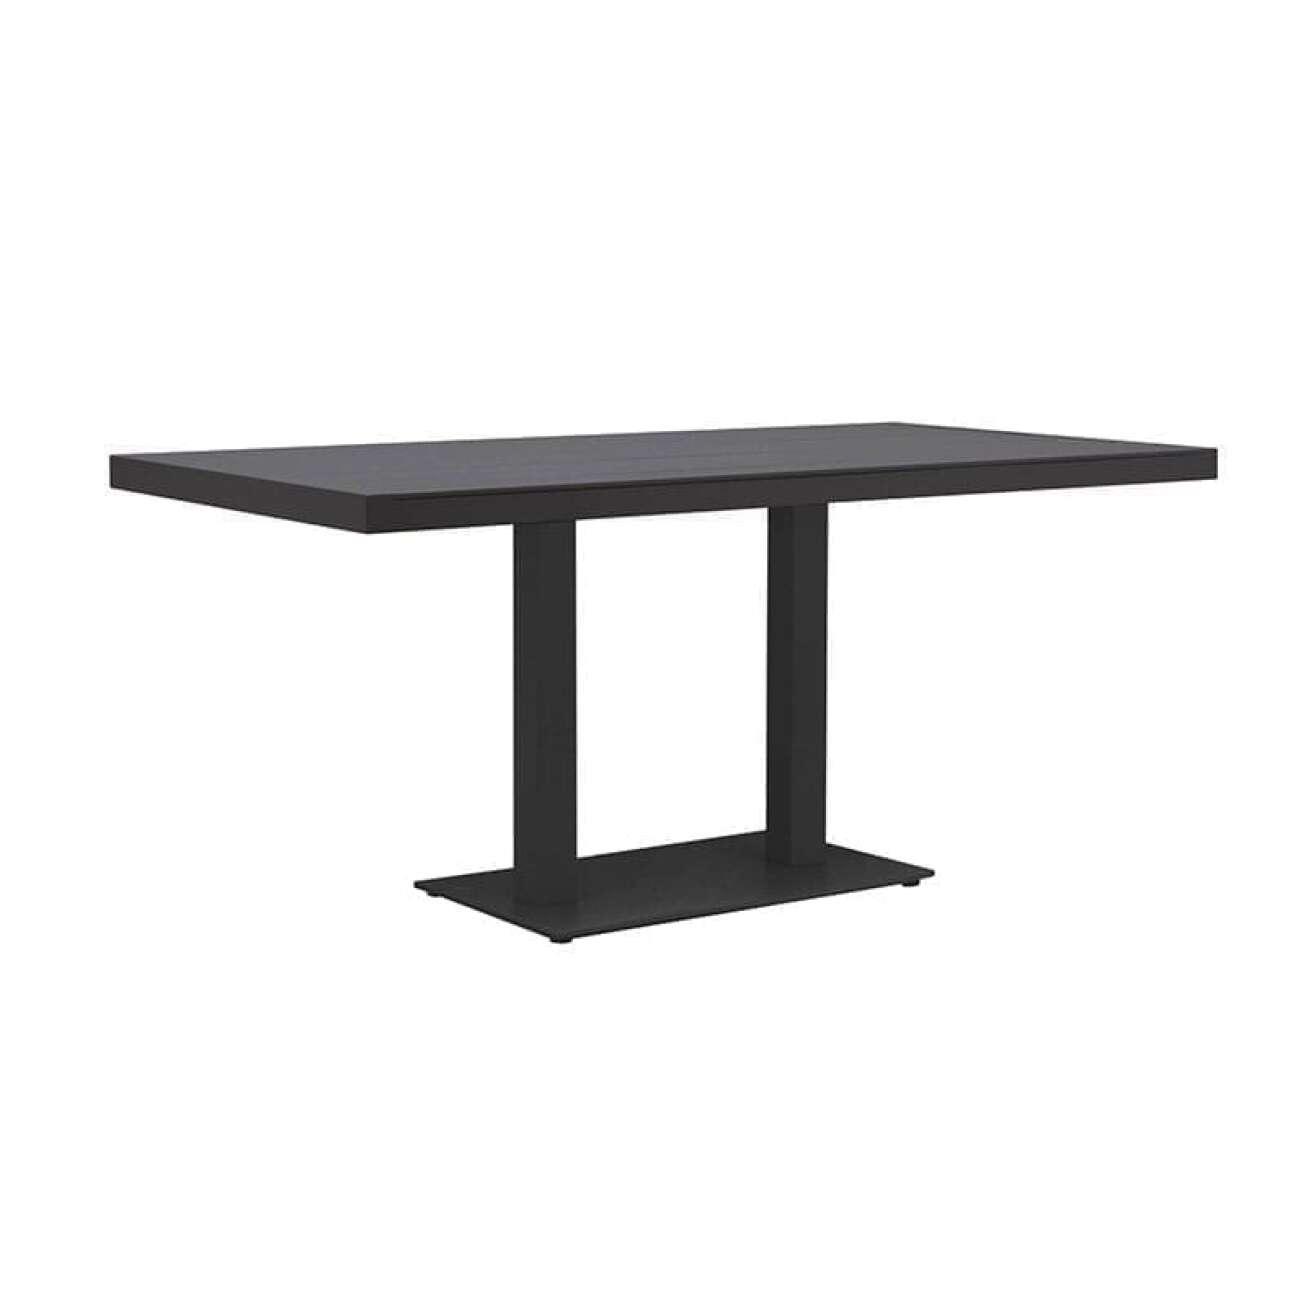 Gardenart Spisebord I Aluminium Med Kun To Plassbesparende Bein (100685sort) Hagemøbler og utemøbler - Fine design